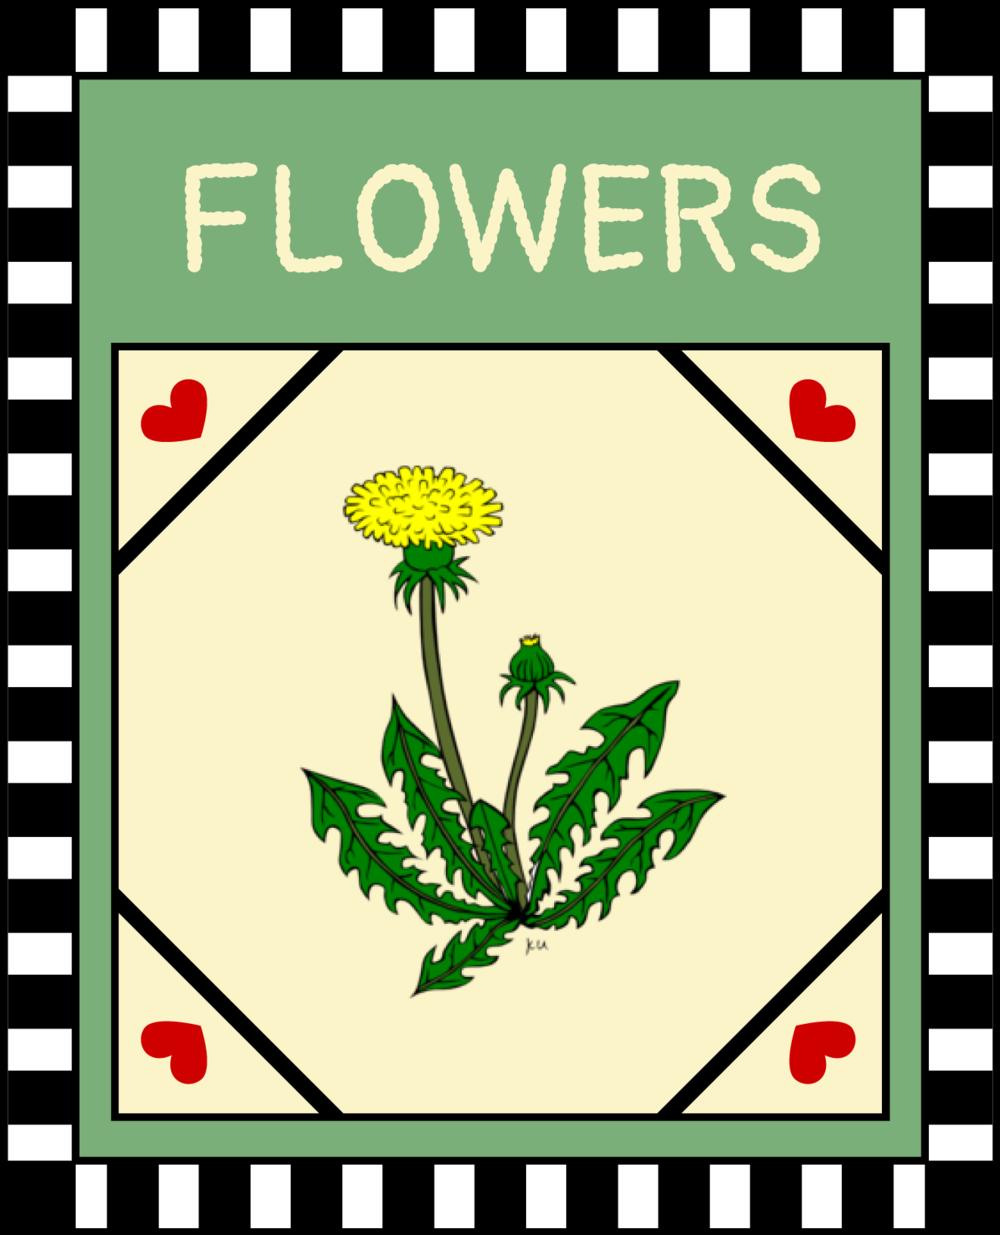 Flowers / Weeds